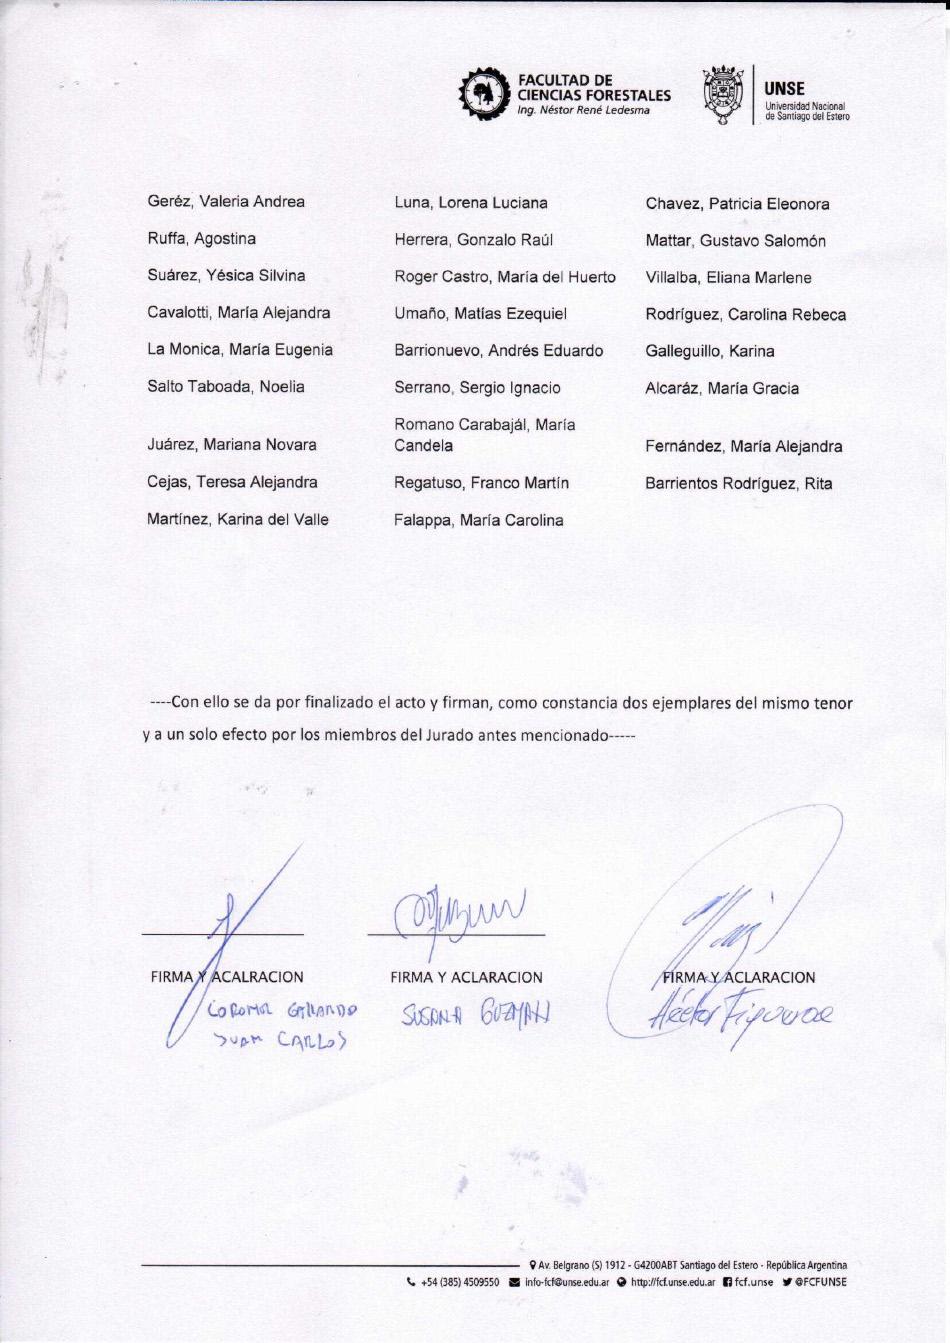 Acta Inscriptos Concurso 7 - FCF-7